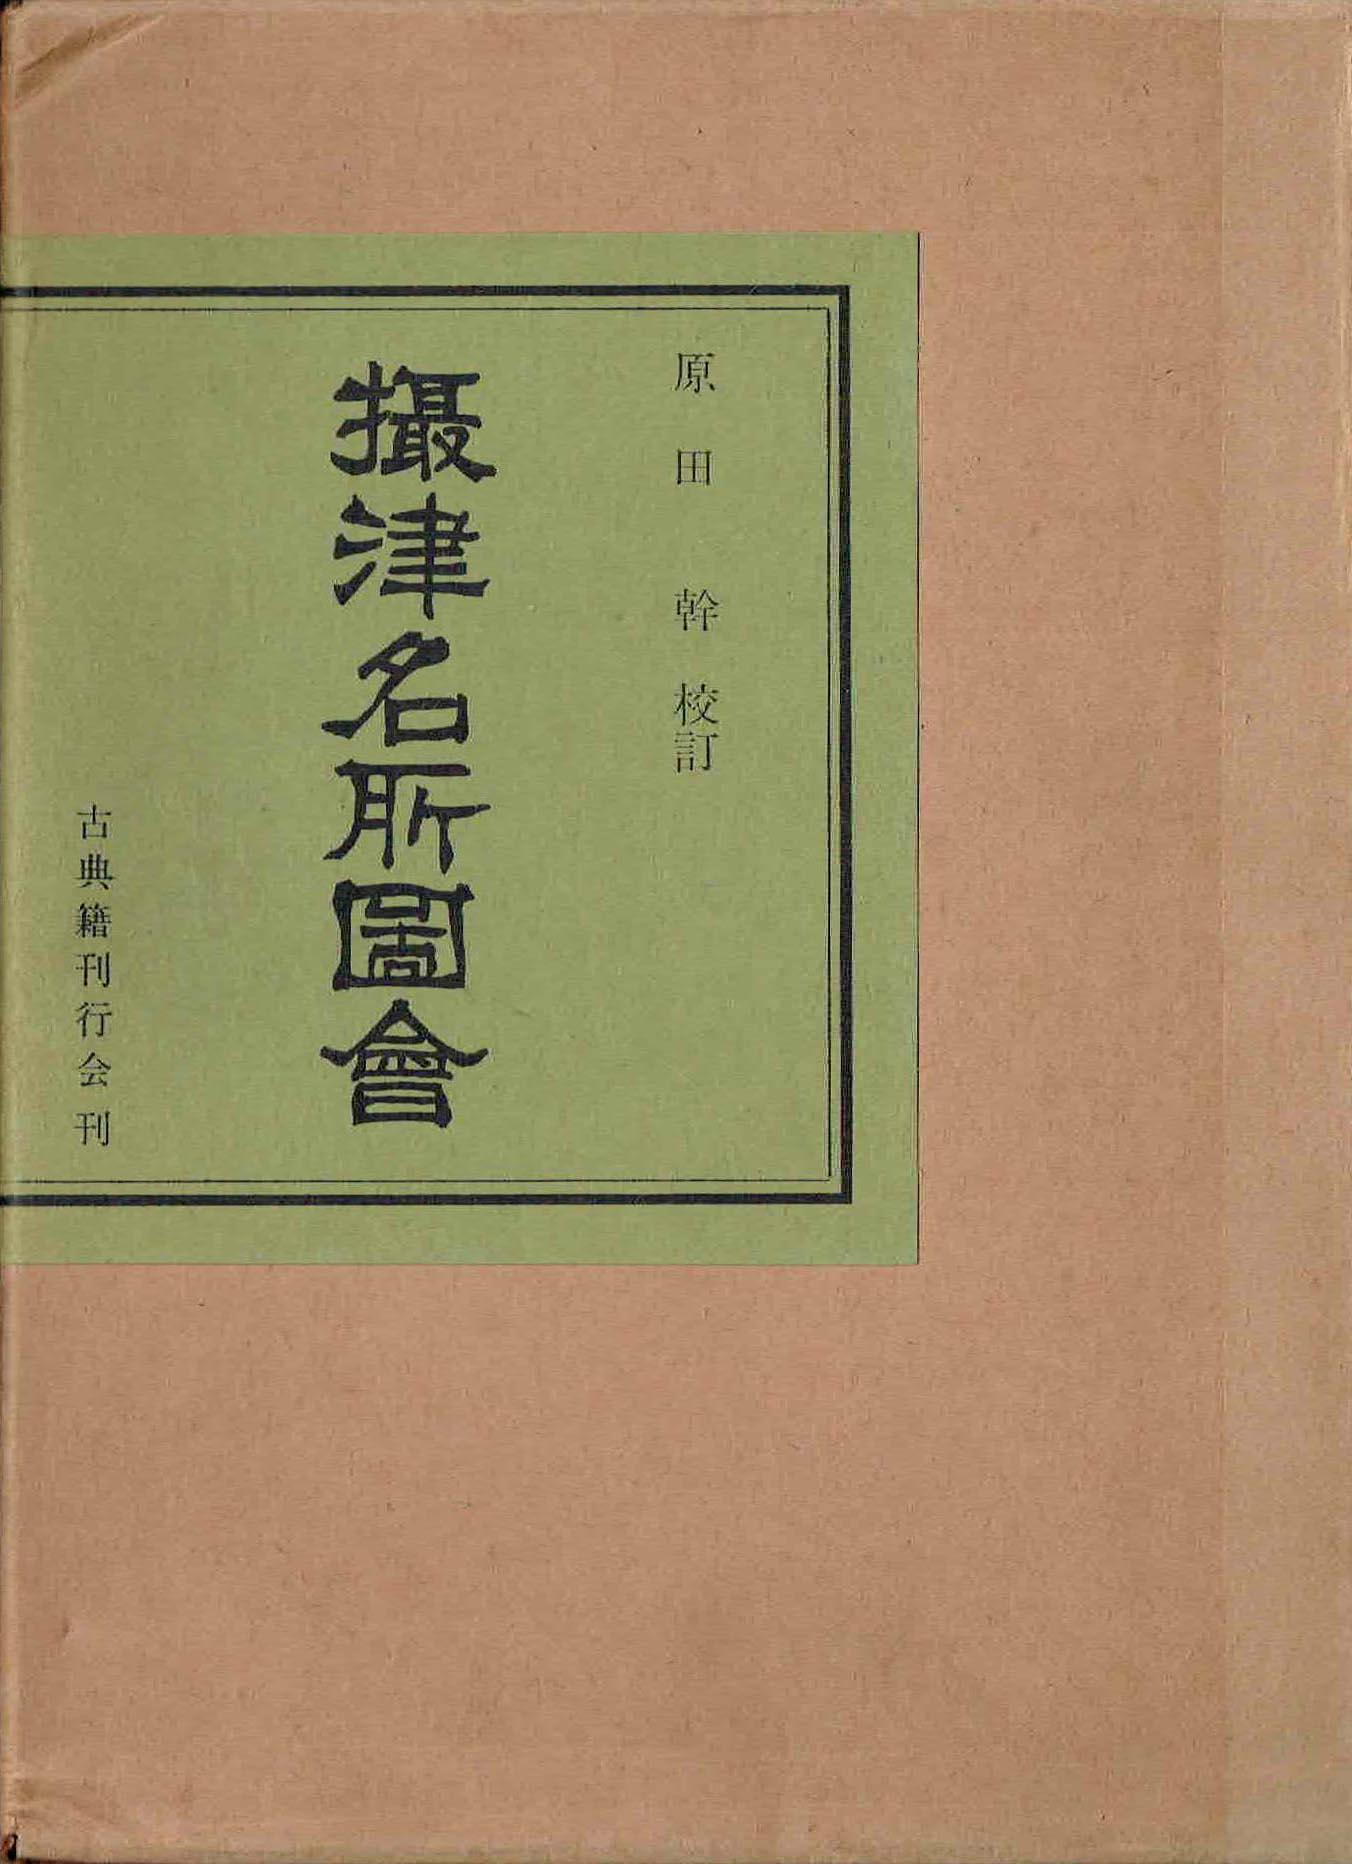 滋賀県の古書買取なら黒崎書店